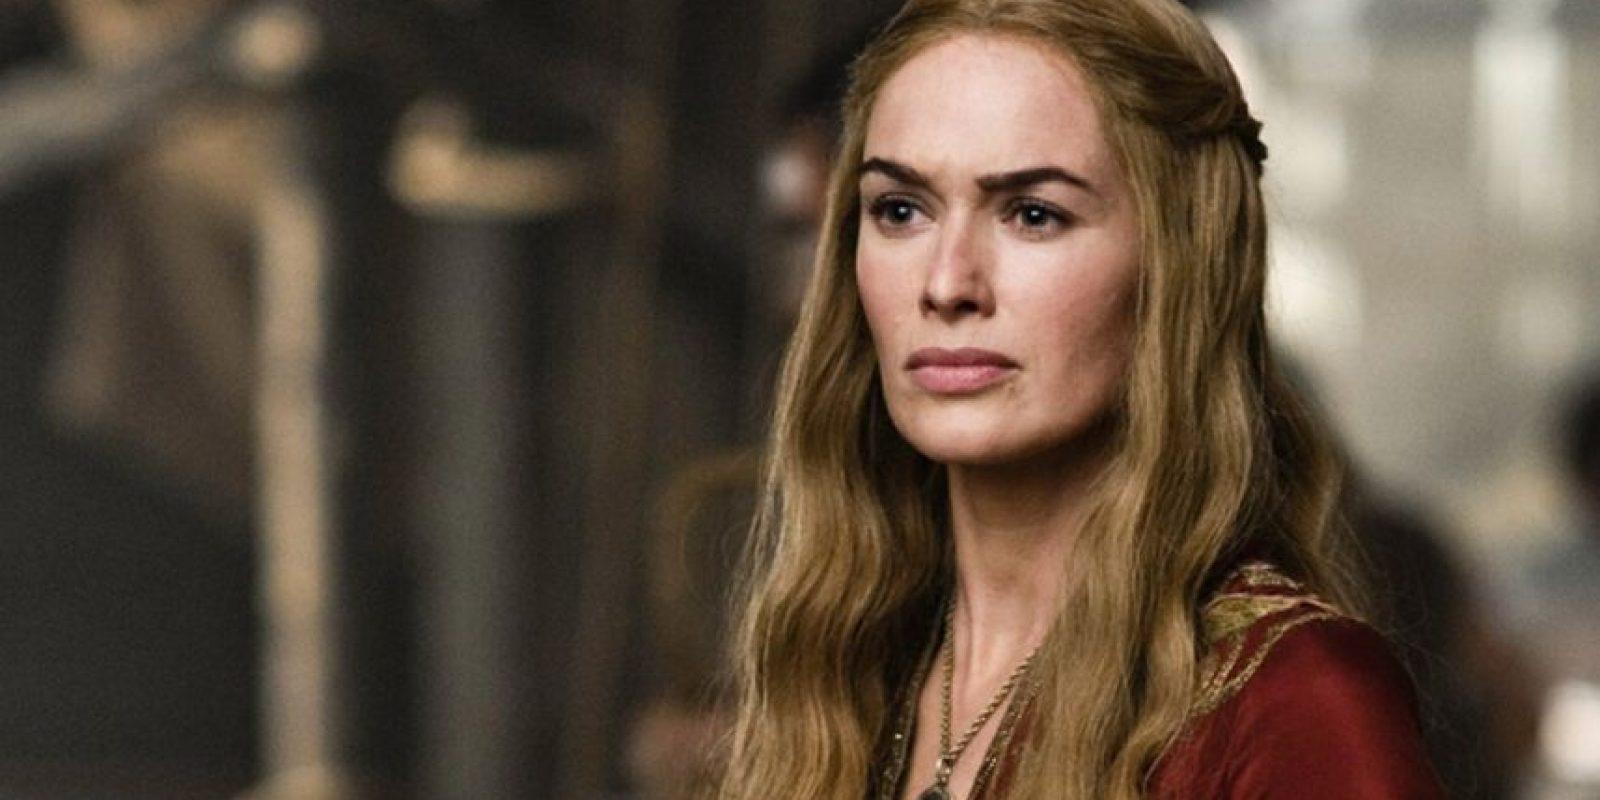 Anunció a la revista People que espera su segundo hijo, pero ella está divorciada. Foto:HBO